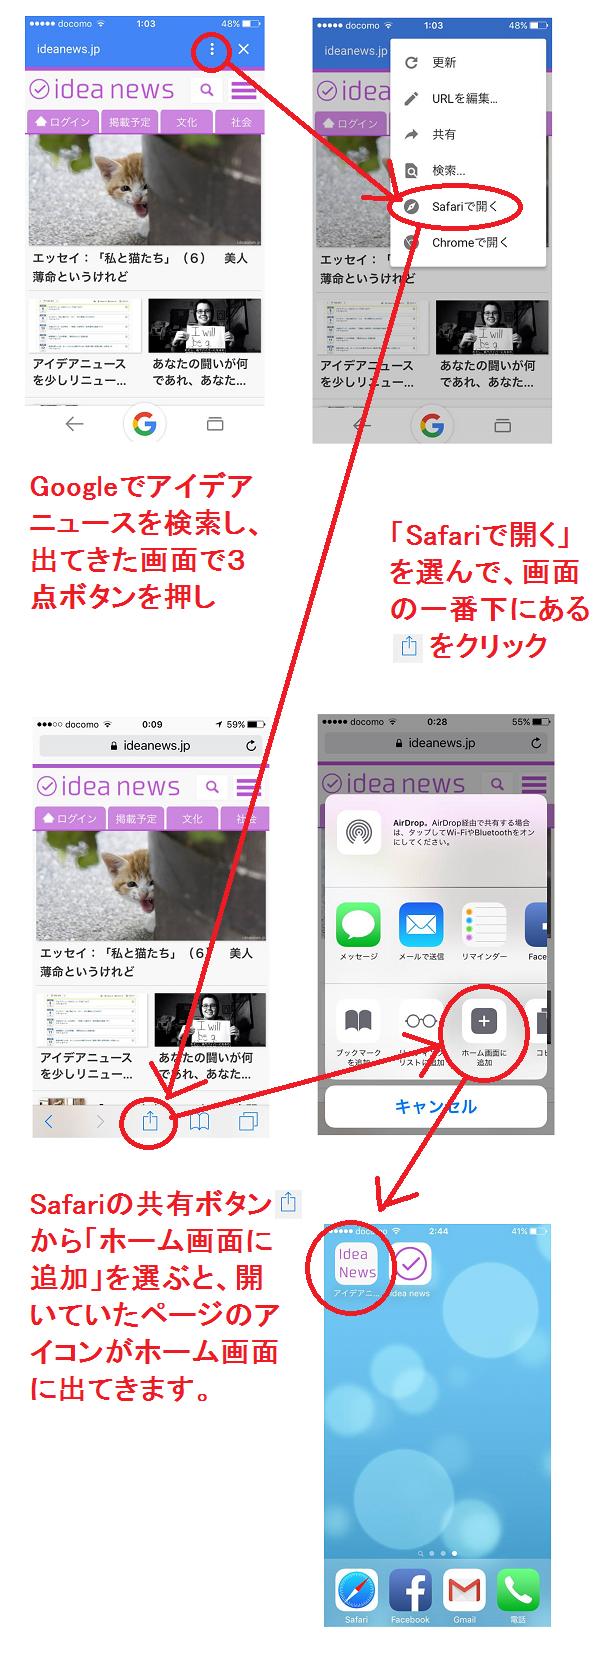 Safariでアイデアニュースのアイコンをホーム画面に追加する方法